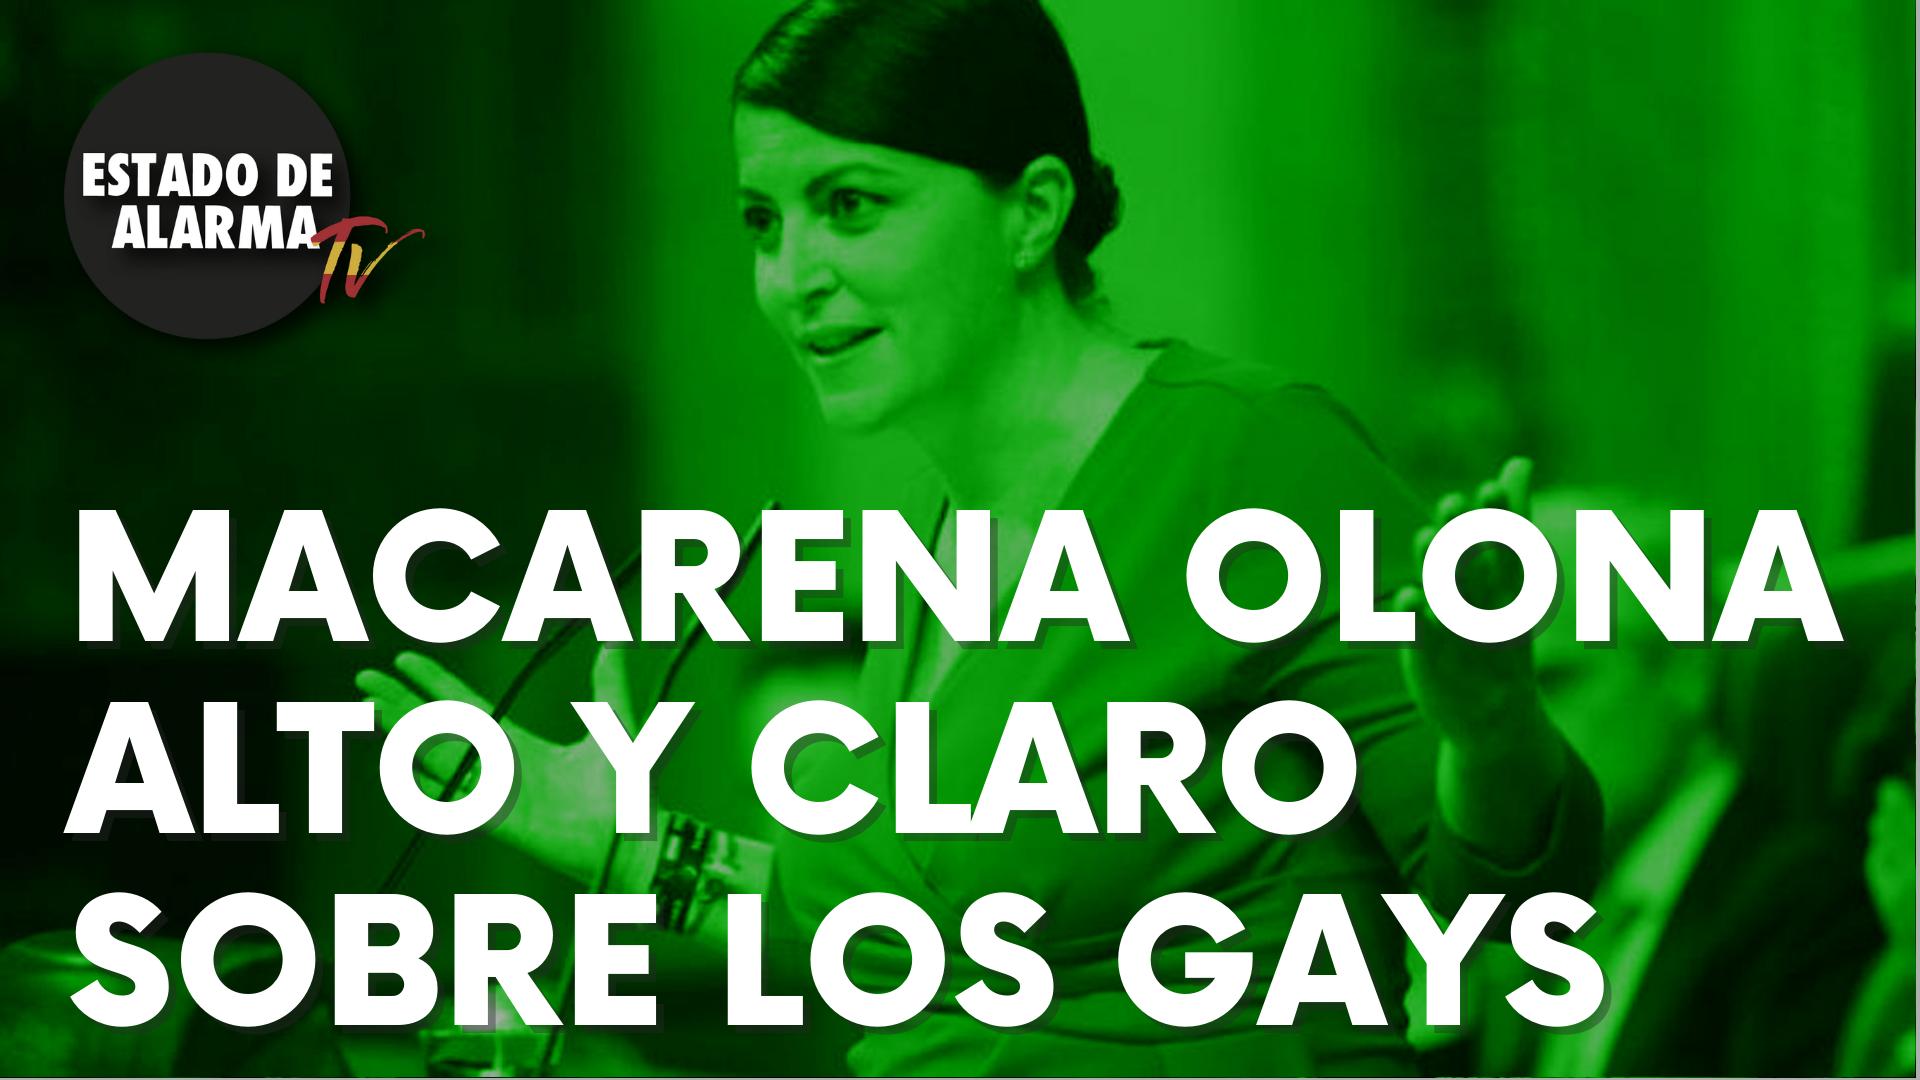 Las contundentes palabras sobre los gays de Macarena Olona que no dejan indiferente a nadie